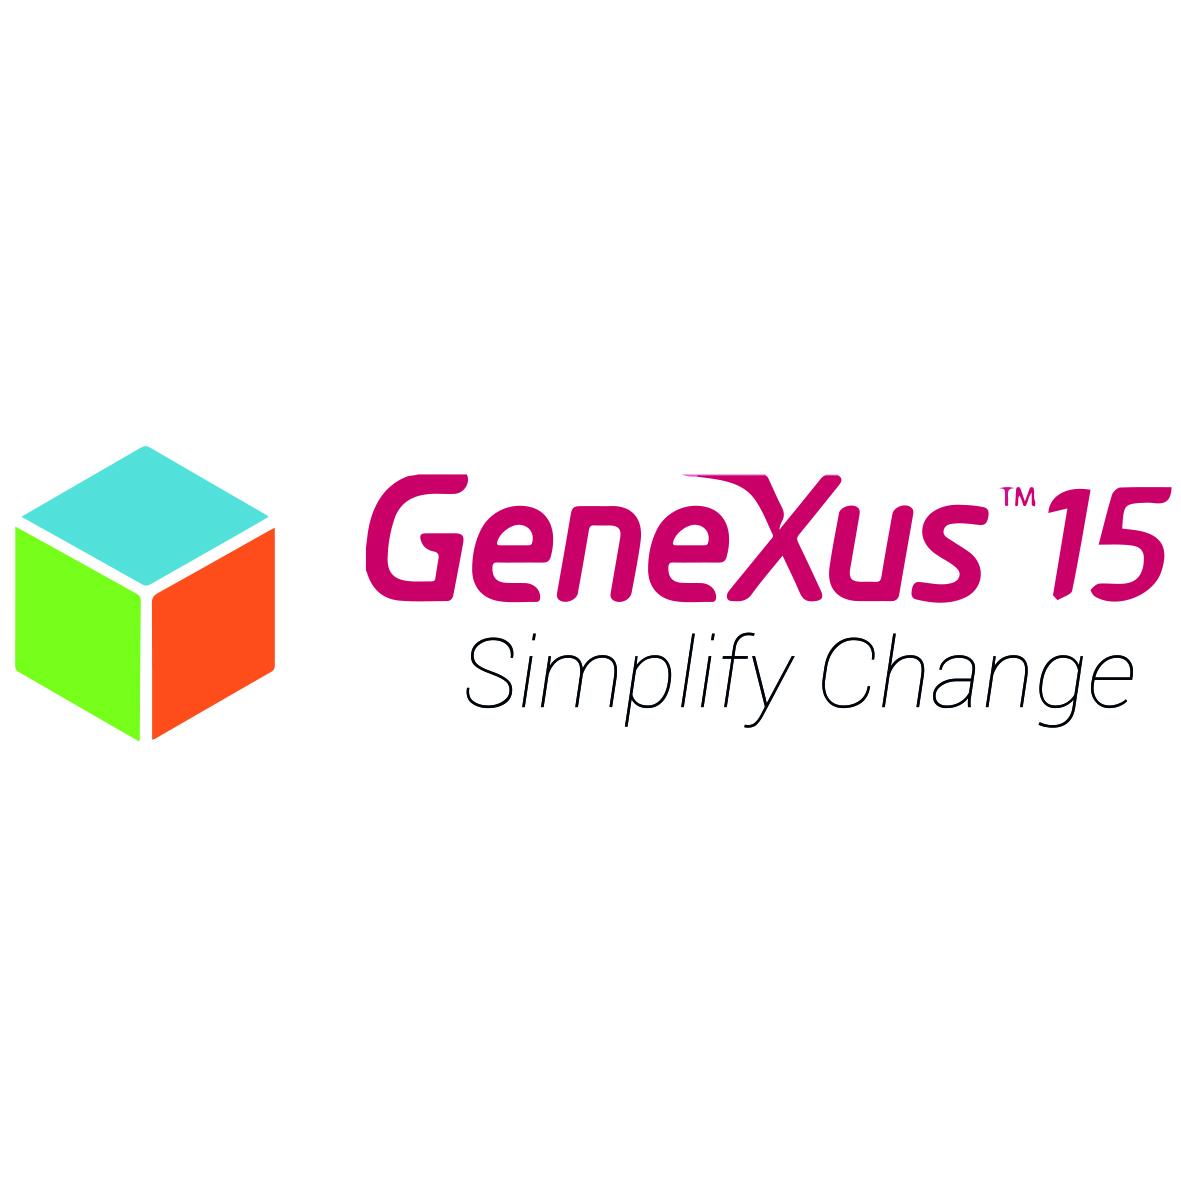 GENEXUS - Herramienta para Crear Software a la Medida, la Opción Más Ágil y Productiva para Cualquier Proyecto